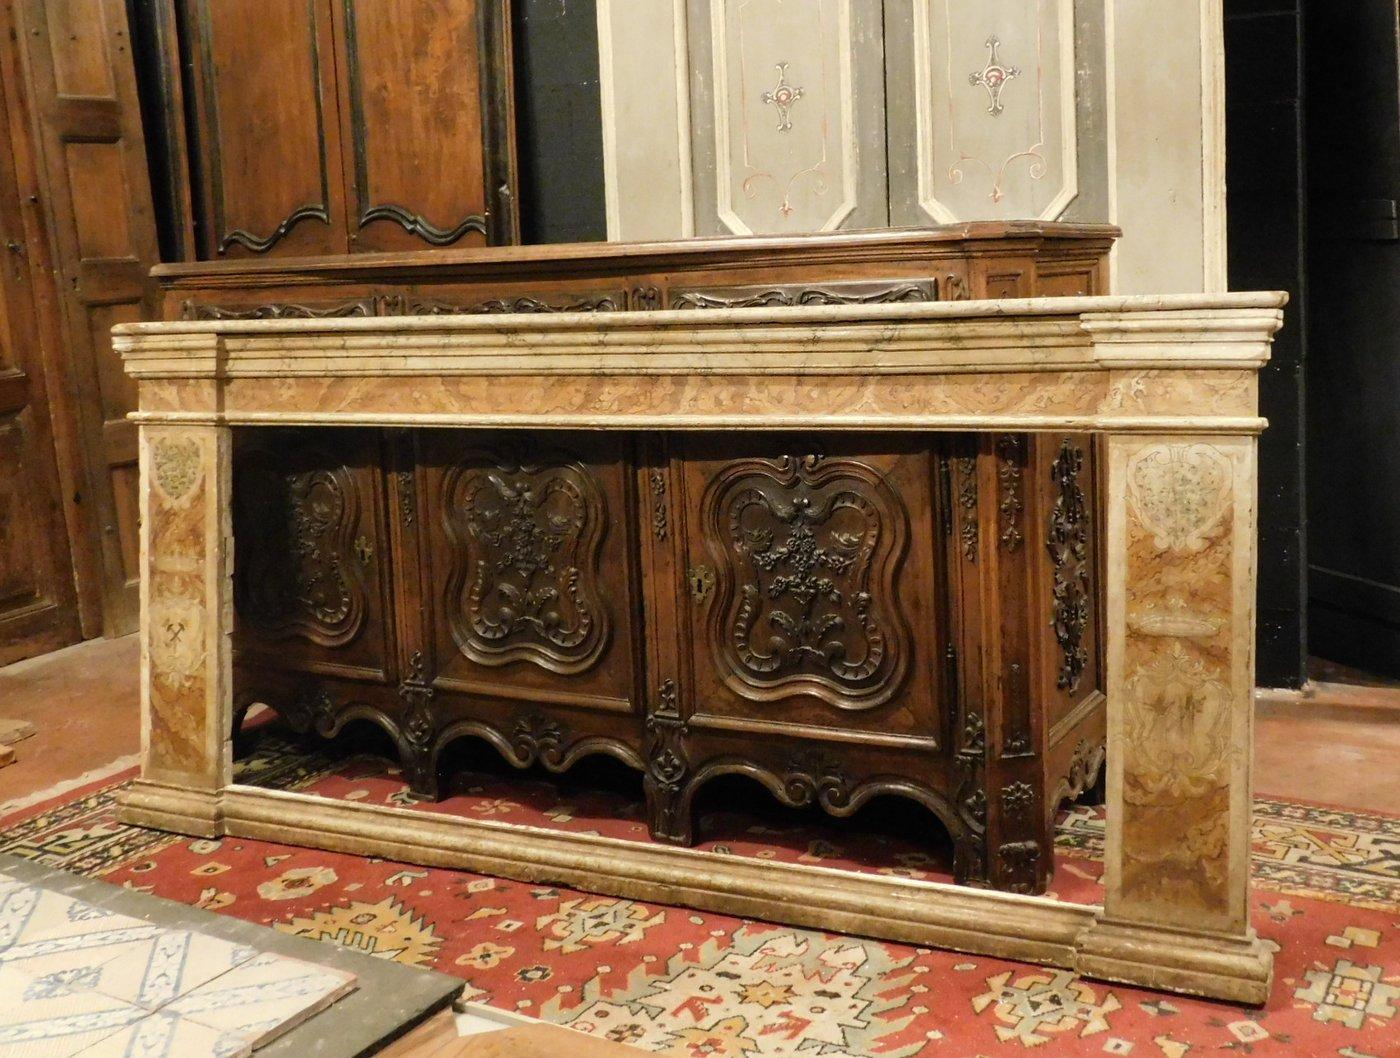 thumb2|A pan209 telaio laccato finto marmo, con capitelli mis. larg. cm 233 x h 105, epoca '700